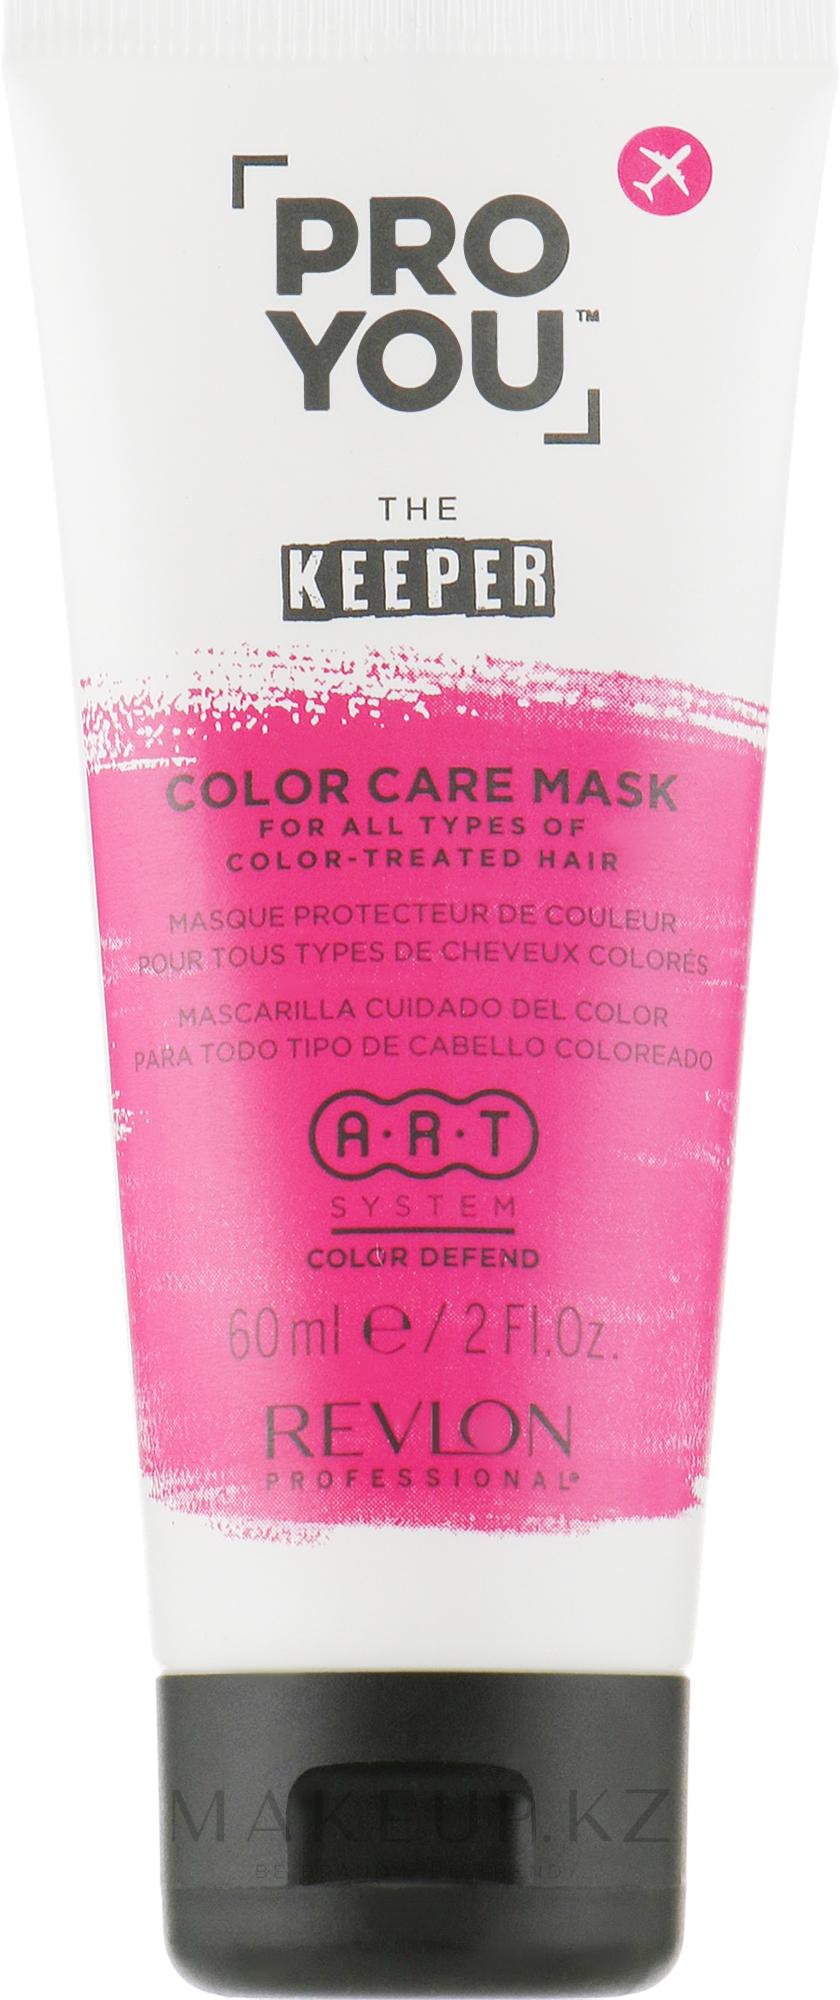 Маска для окрашенных волос - Revlon Professional Pro You Keeper Color Care Mask — фото 60 ml